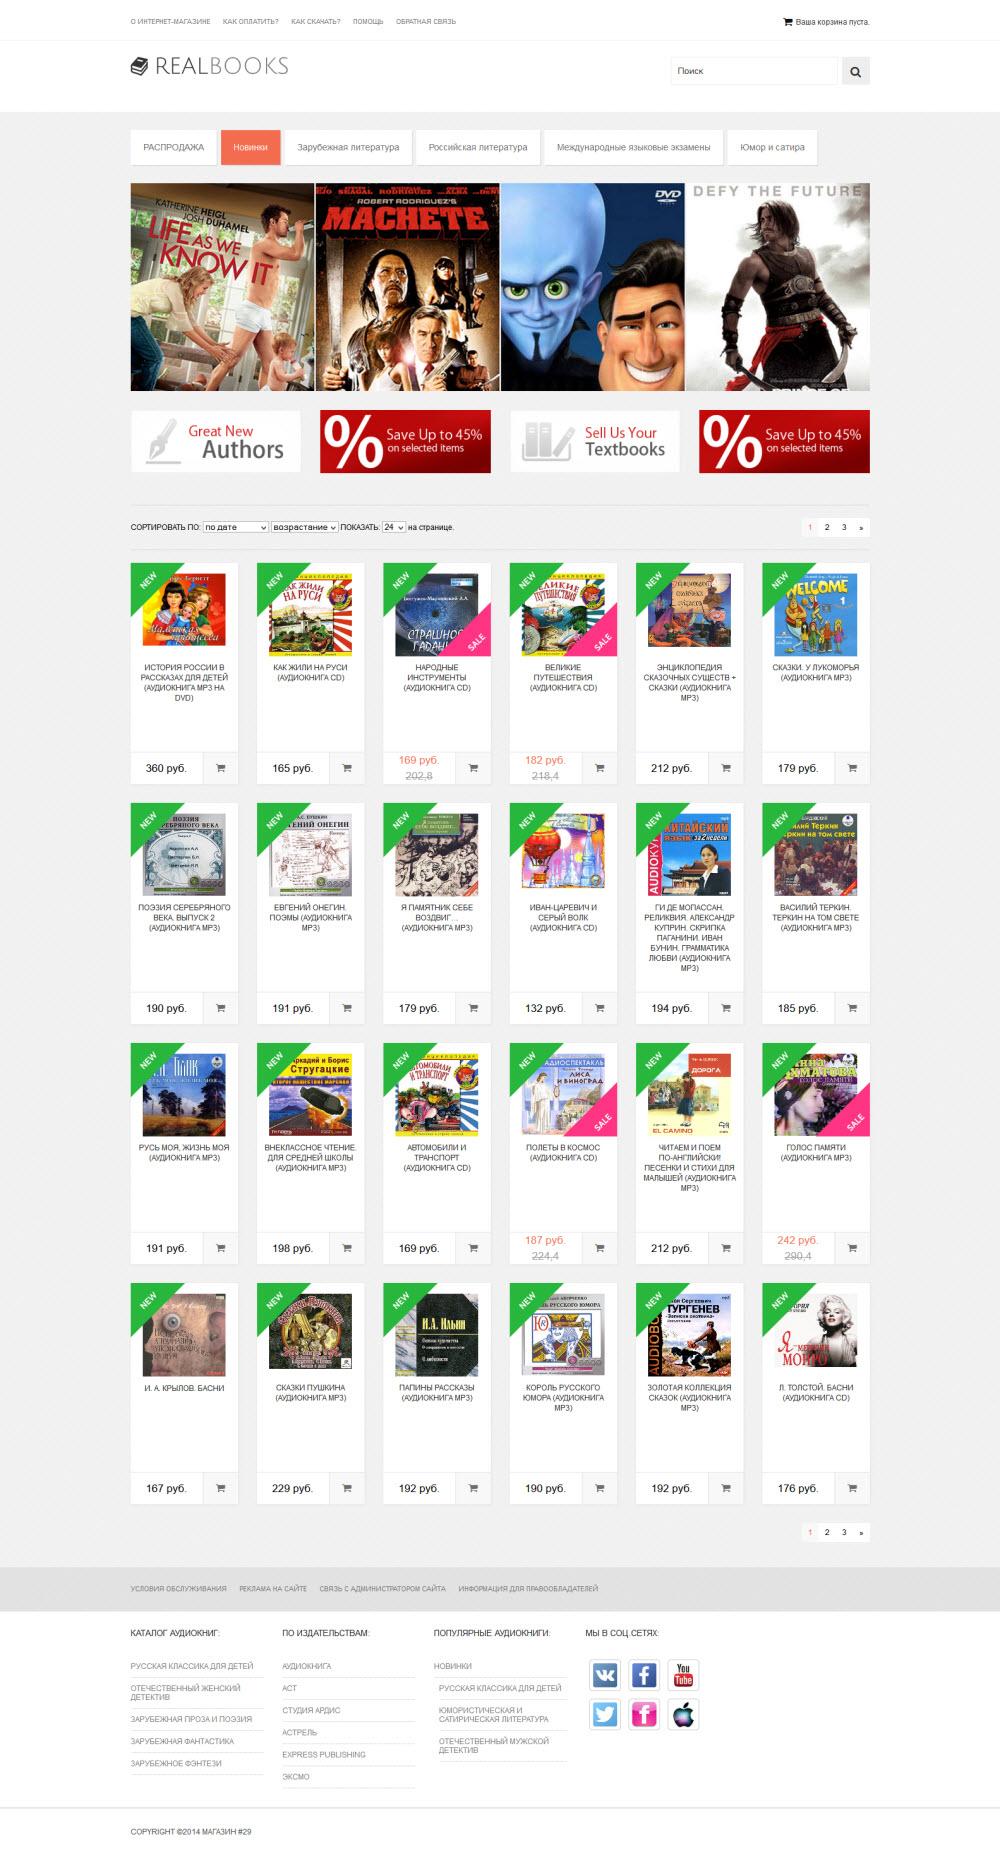 Адаптивная тема WP Shop #29: книги, цифровые товары, аудиокниги, торренты, DVD, игры, Soft, музыка